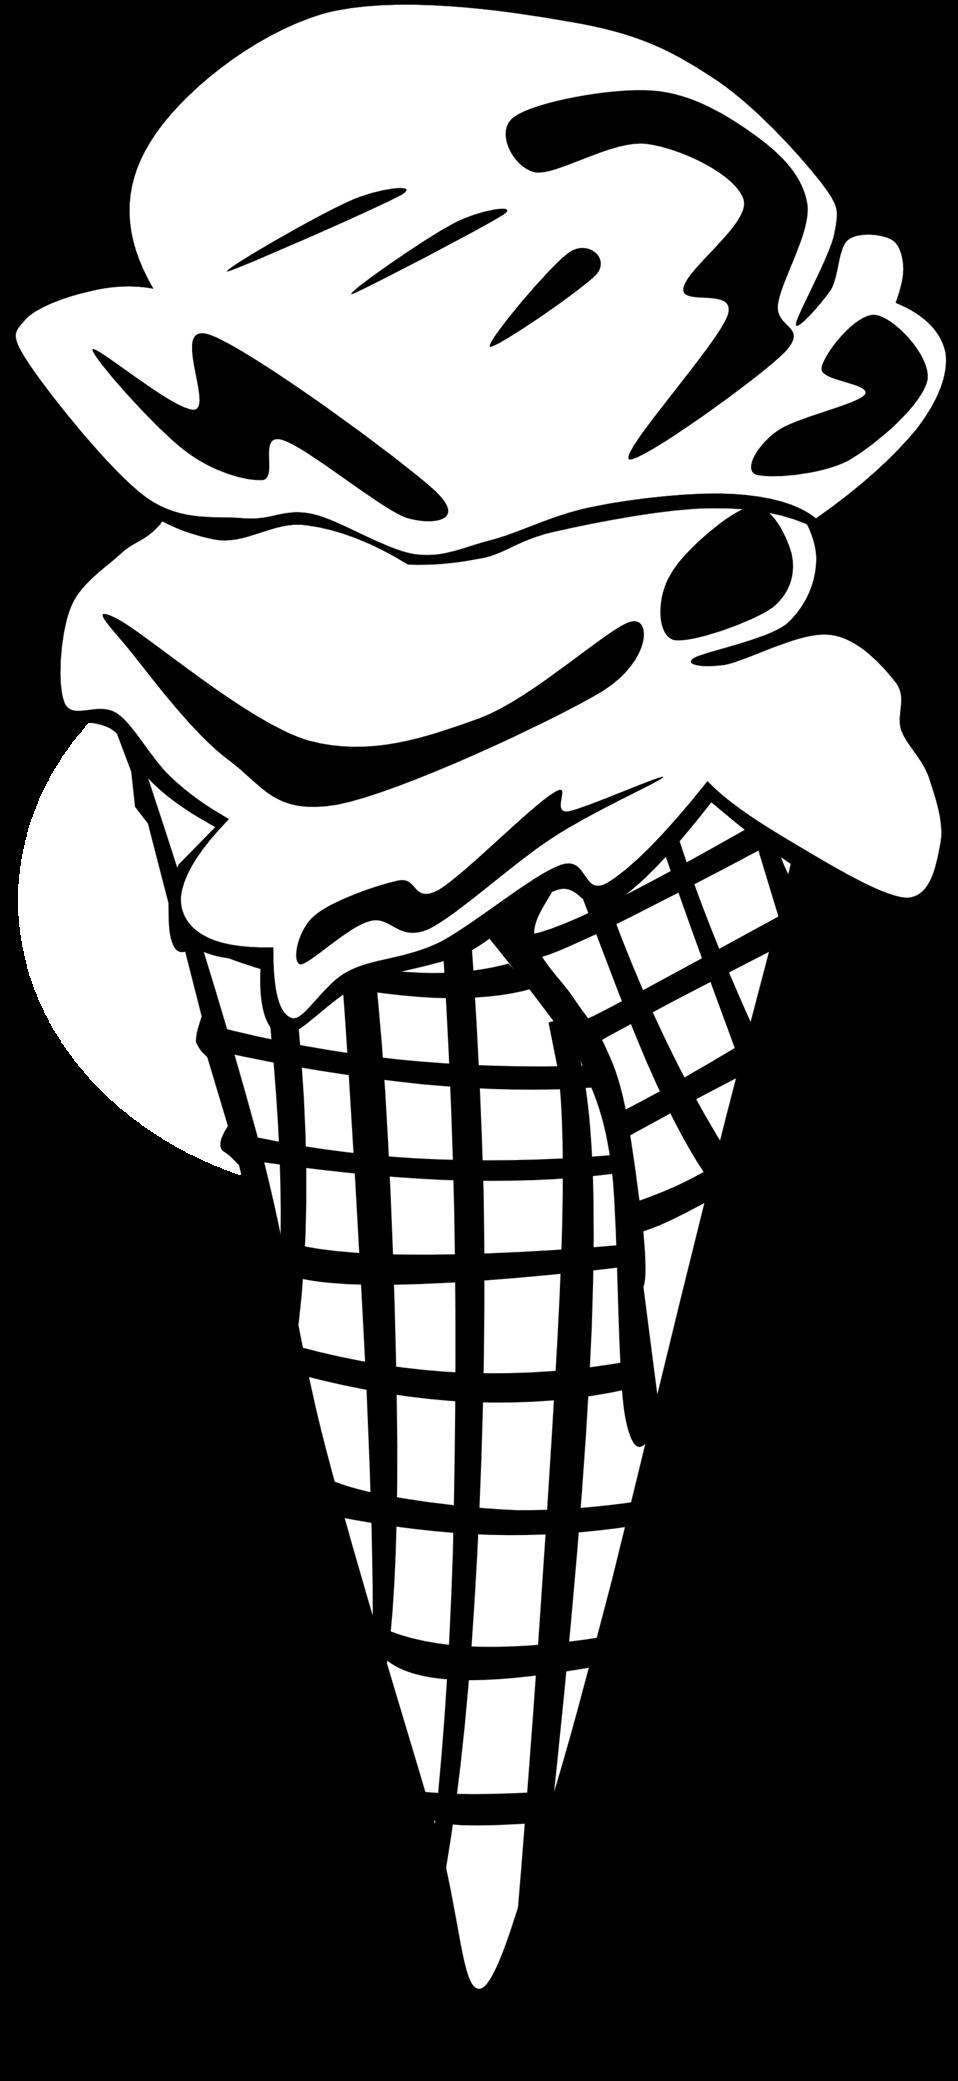 Public domain clip art. Waffle clipart svg